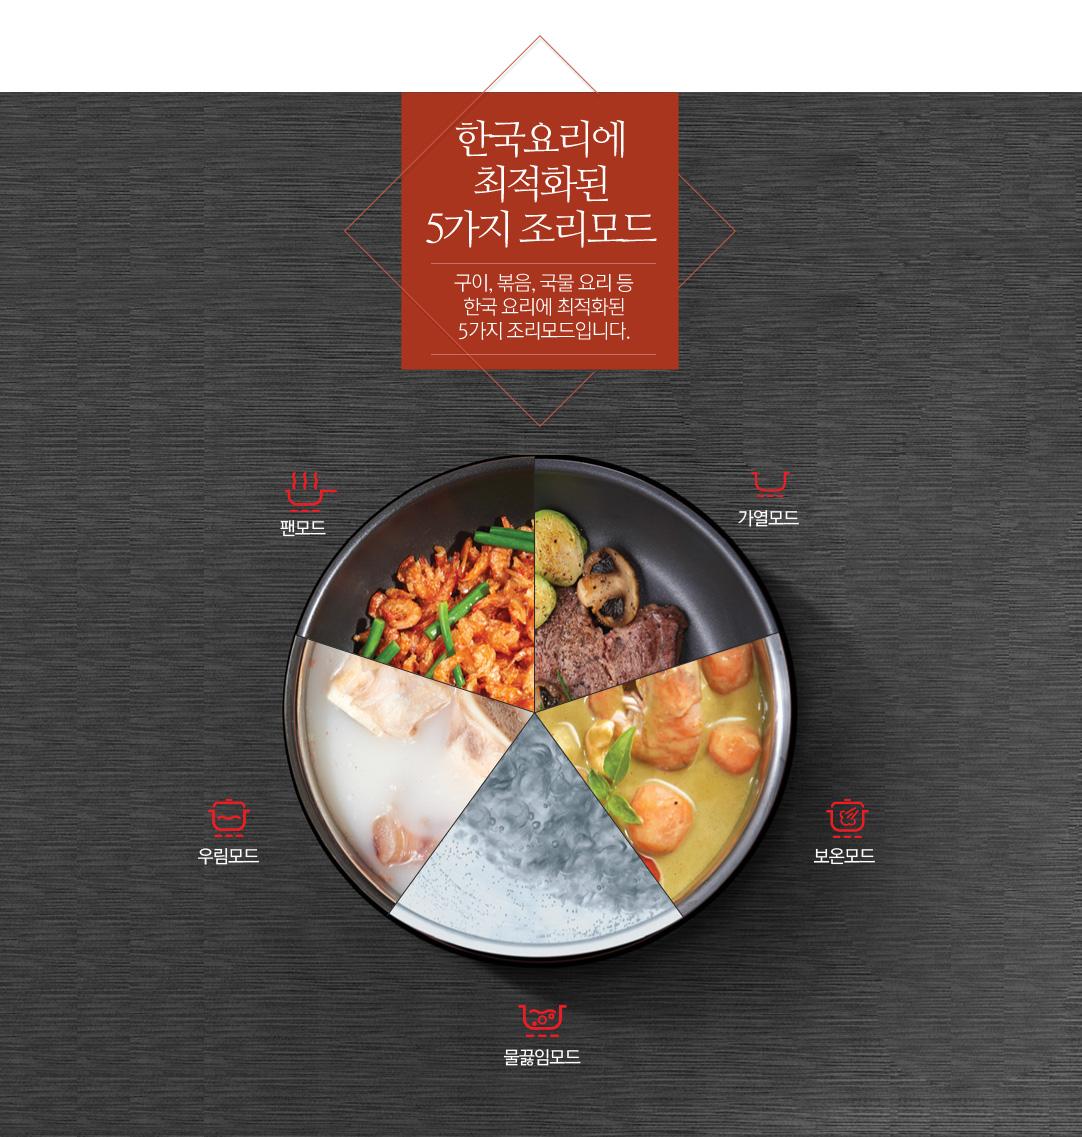 한국형 조리모드) 한국요리에 최적화된 5가지 조리모드